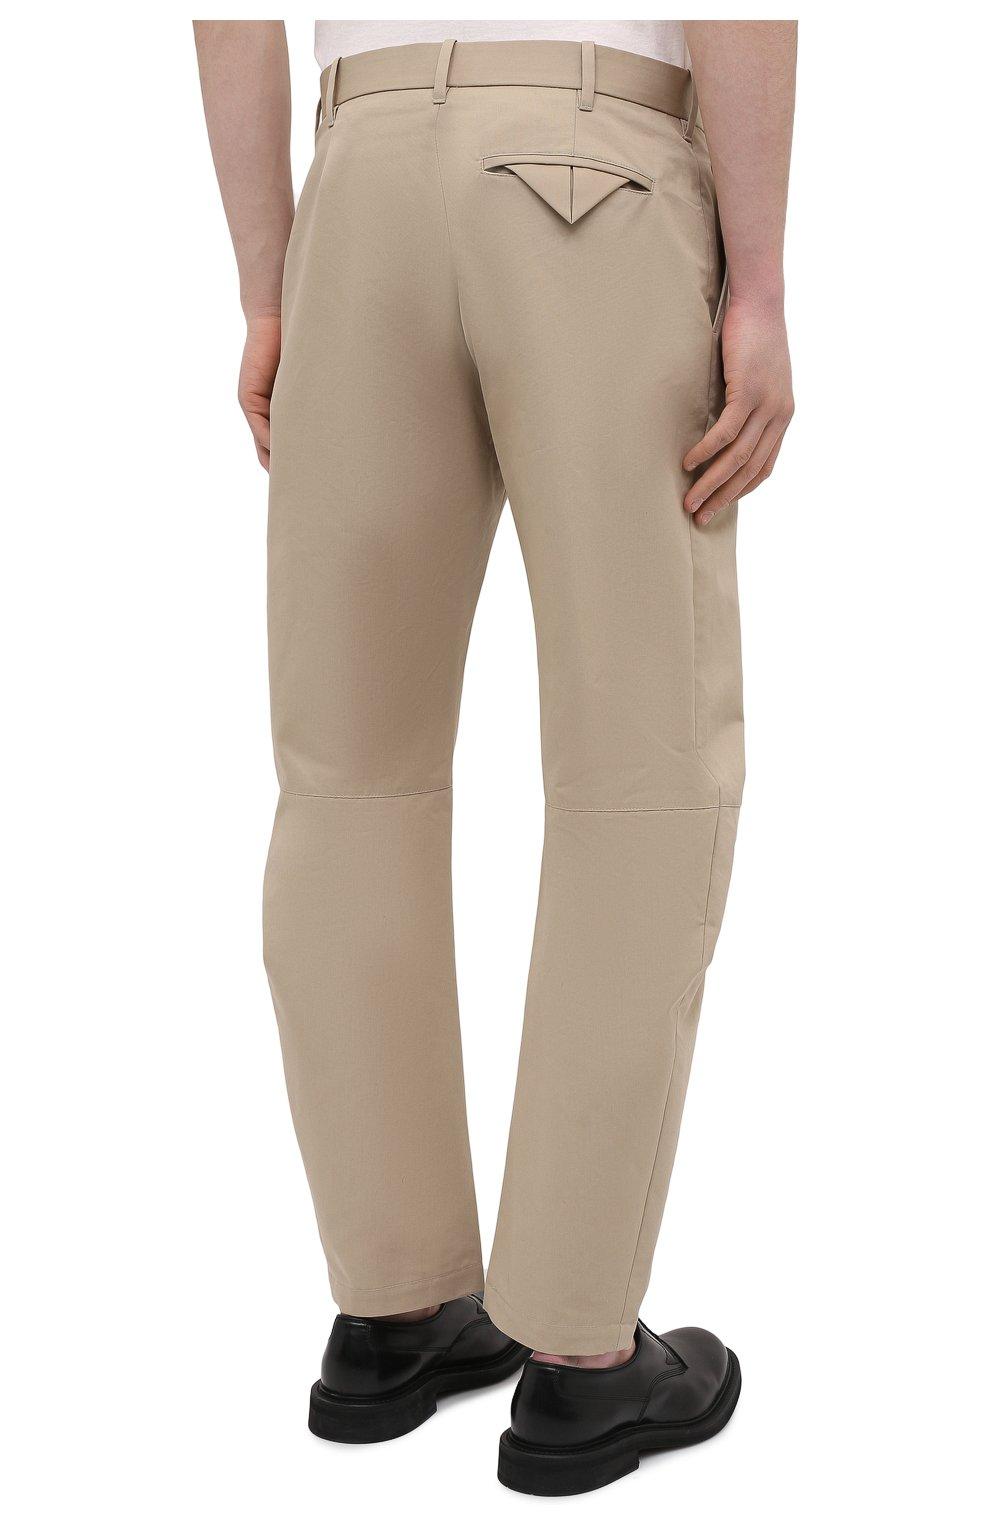 Мужские хлопковые брюки BOTTEGA VENETA бежевого цвета, арт. 647392/V0FJ0 | Фото 4 (Длина (брюки, джинсы): Стандартные; Случай: Повседневный; Материал внешний: Хлопок; Стили: Минимализм)